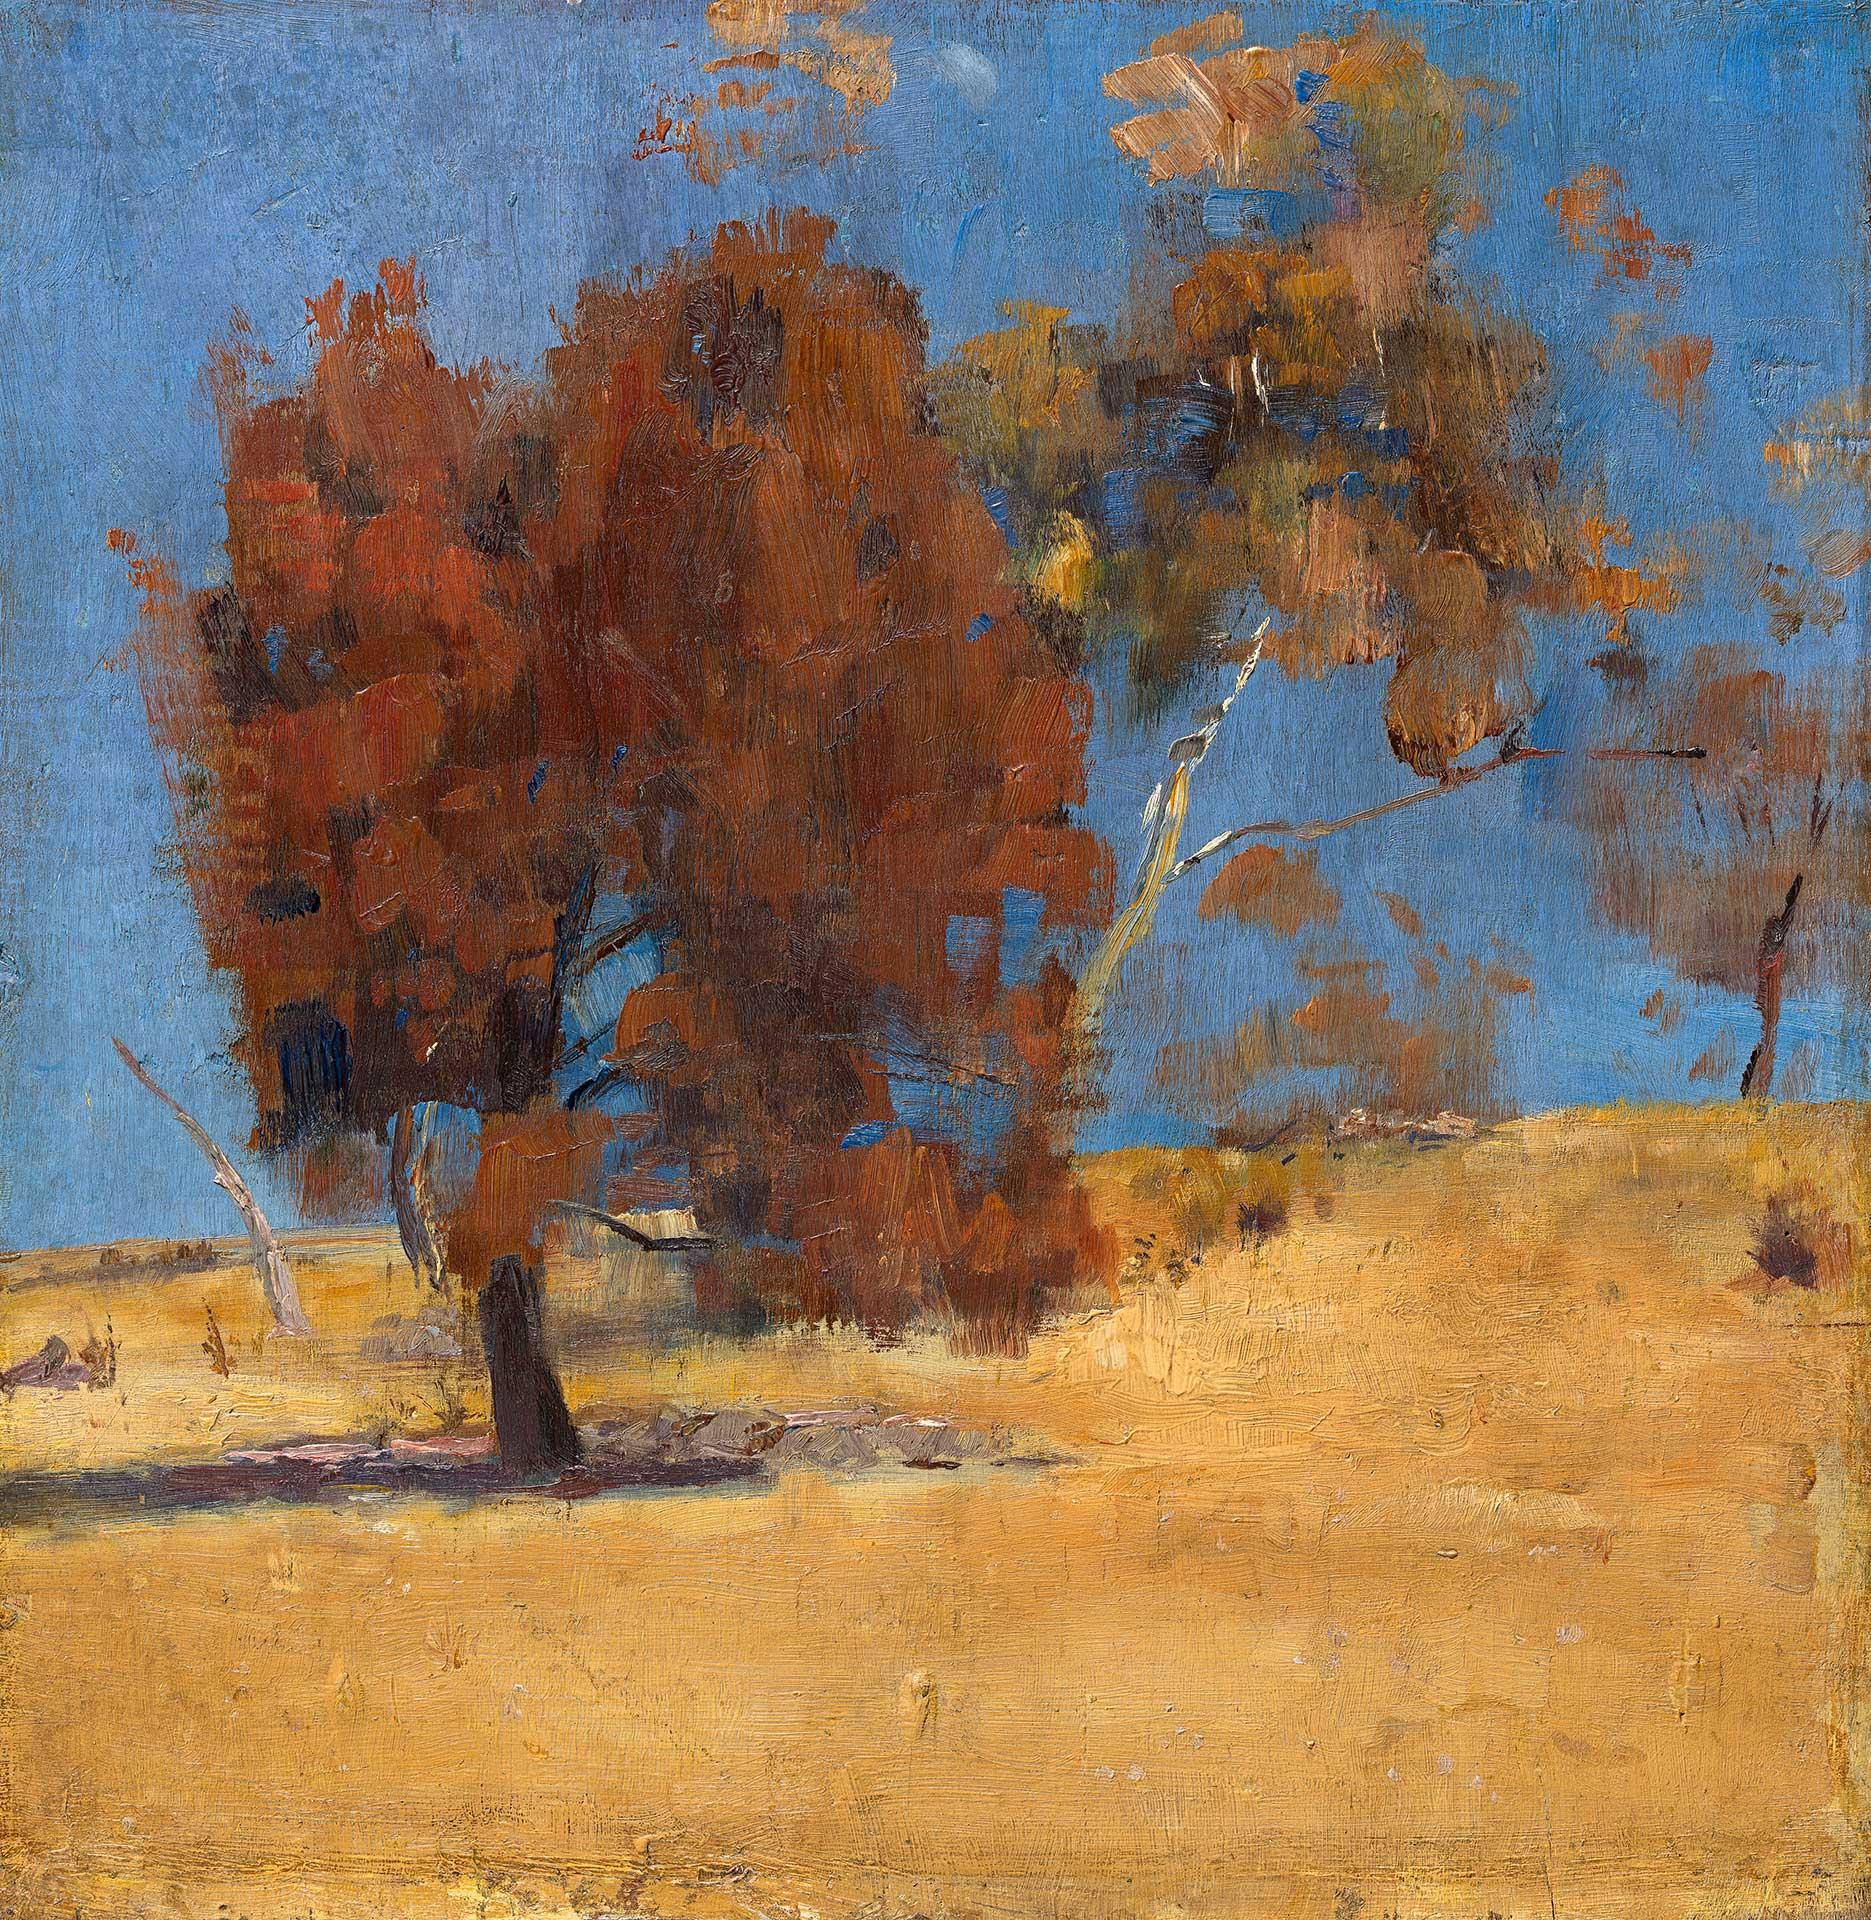 汤姆·罗伯茨(Tom Roberts) 《橡树与阳光》